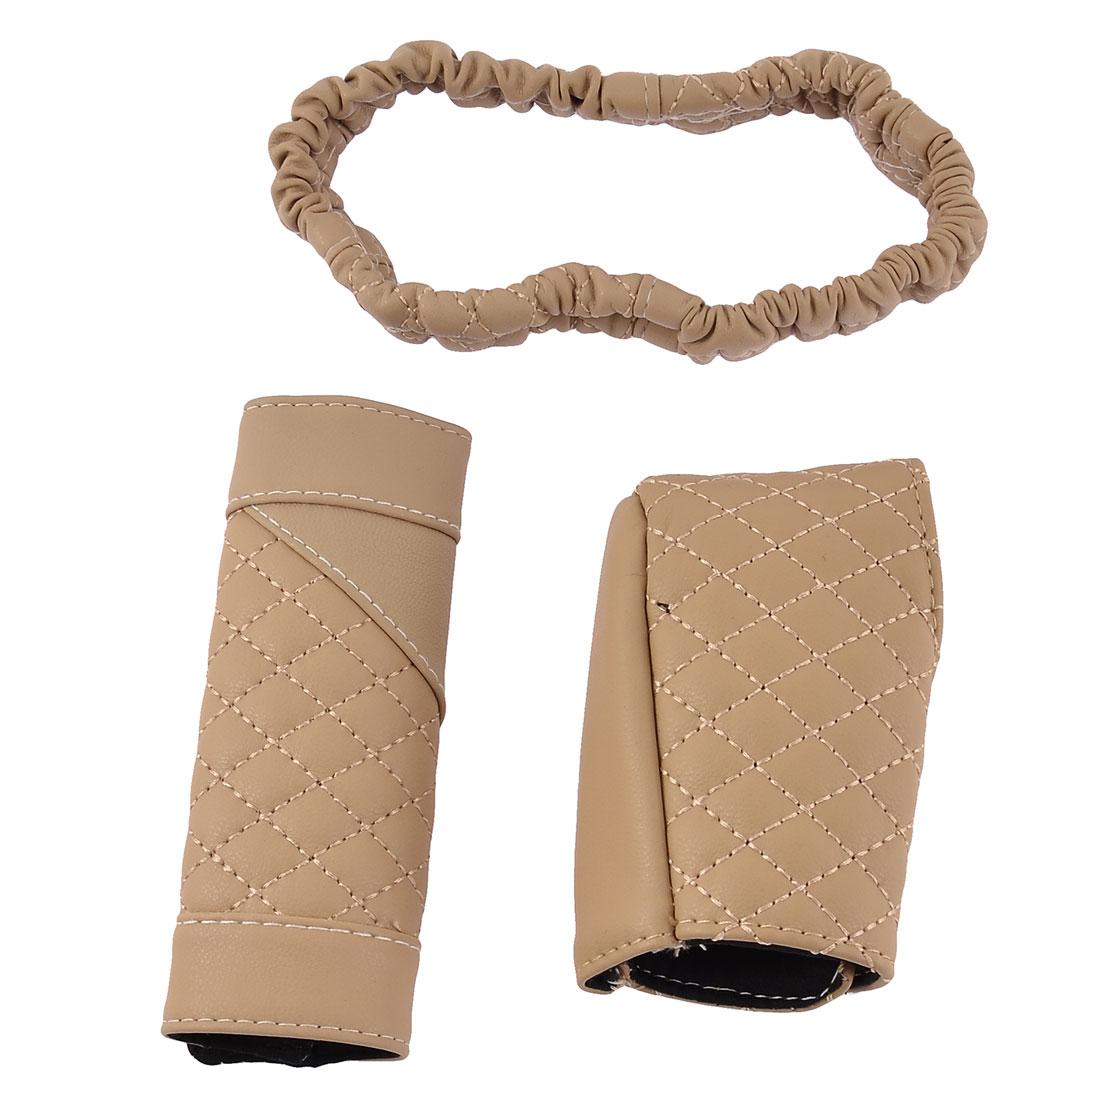 3 in 1 Hook Loop Closure Nonslip Gear Knob Handbrake Rearview Mirror Cover Beige